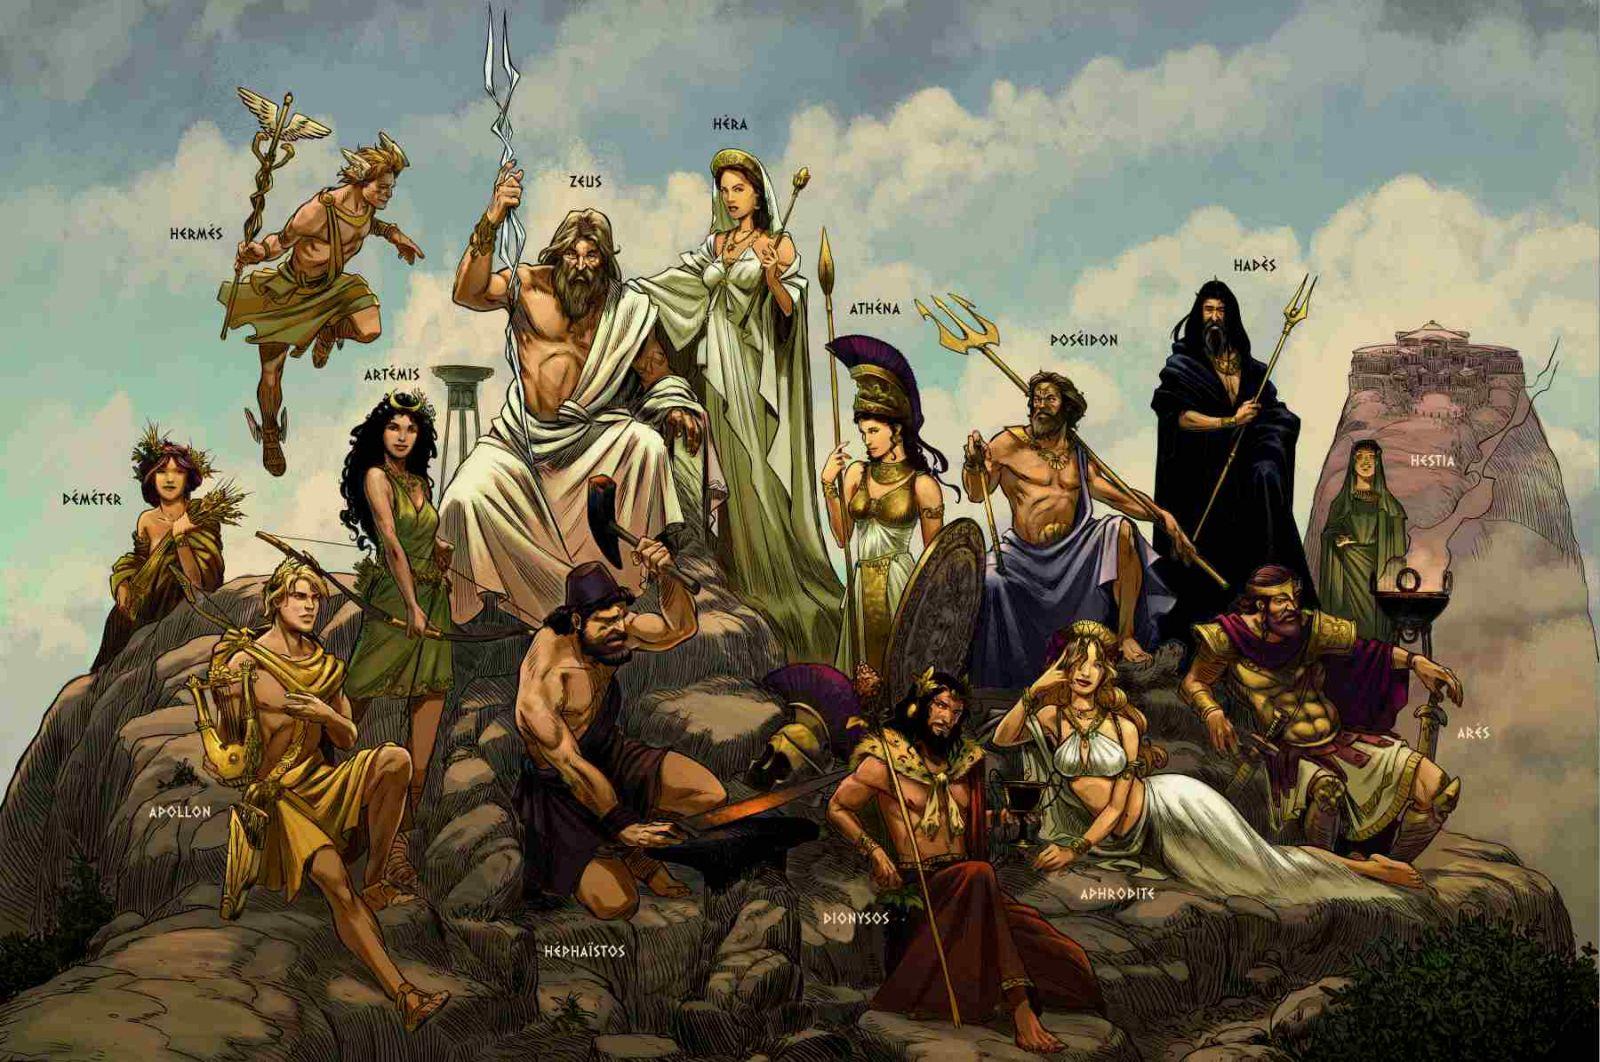 La mythologie grecque en bd - Dessin mythologie ...